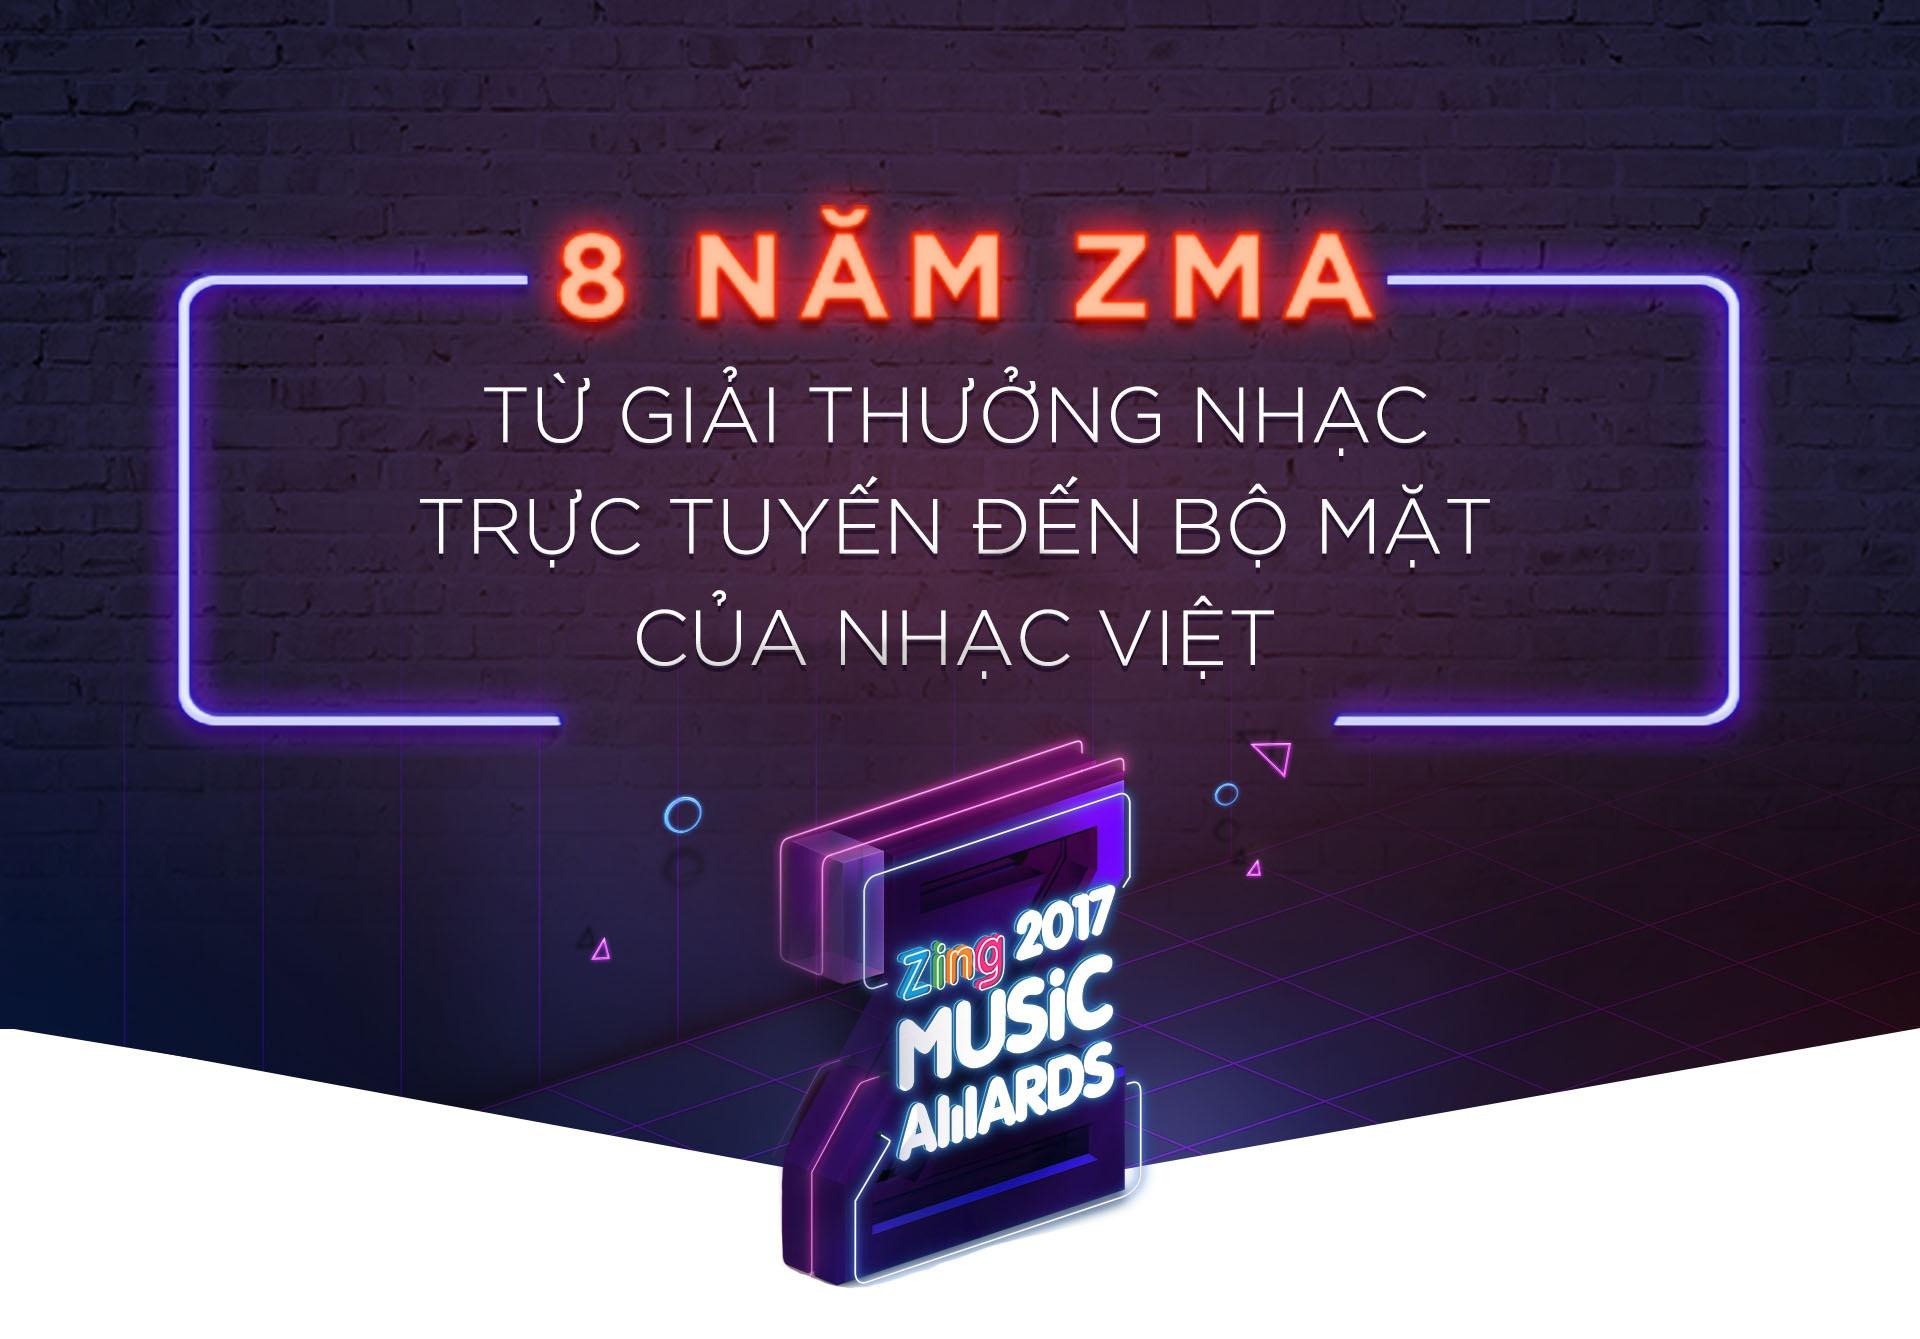 8 nam ZMA - Tu giai thuong nhac truc tuyen den bo mat cua nhac Viet hinh anh 2